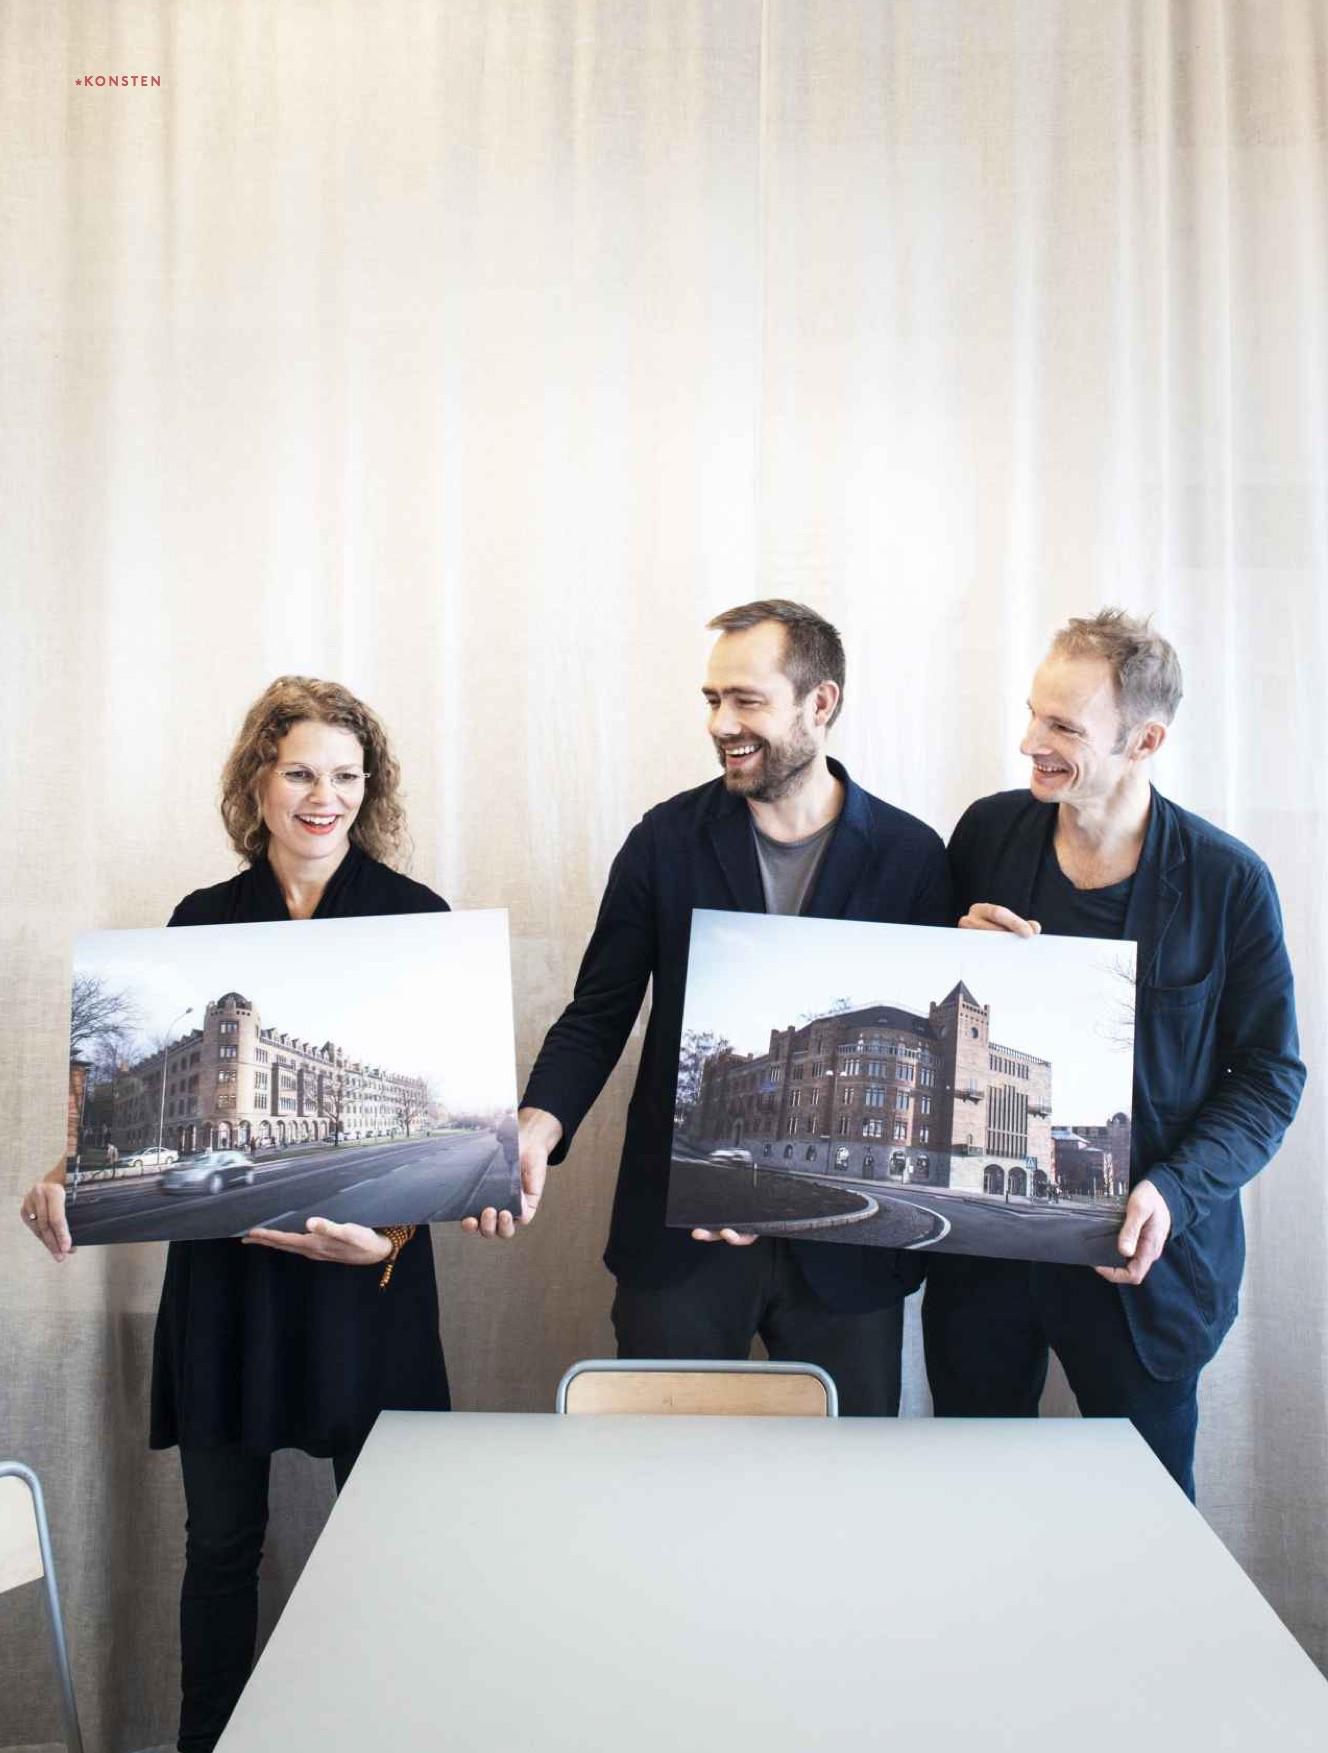 Spridd intervju Arkitektur_7_2016-2_1.jpg